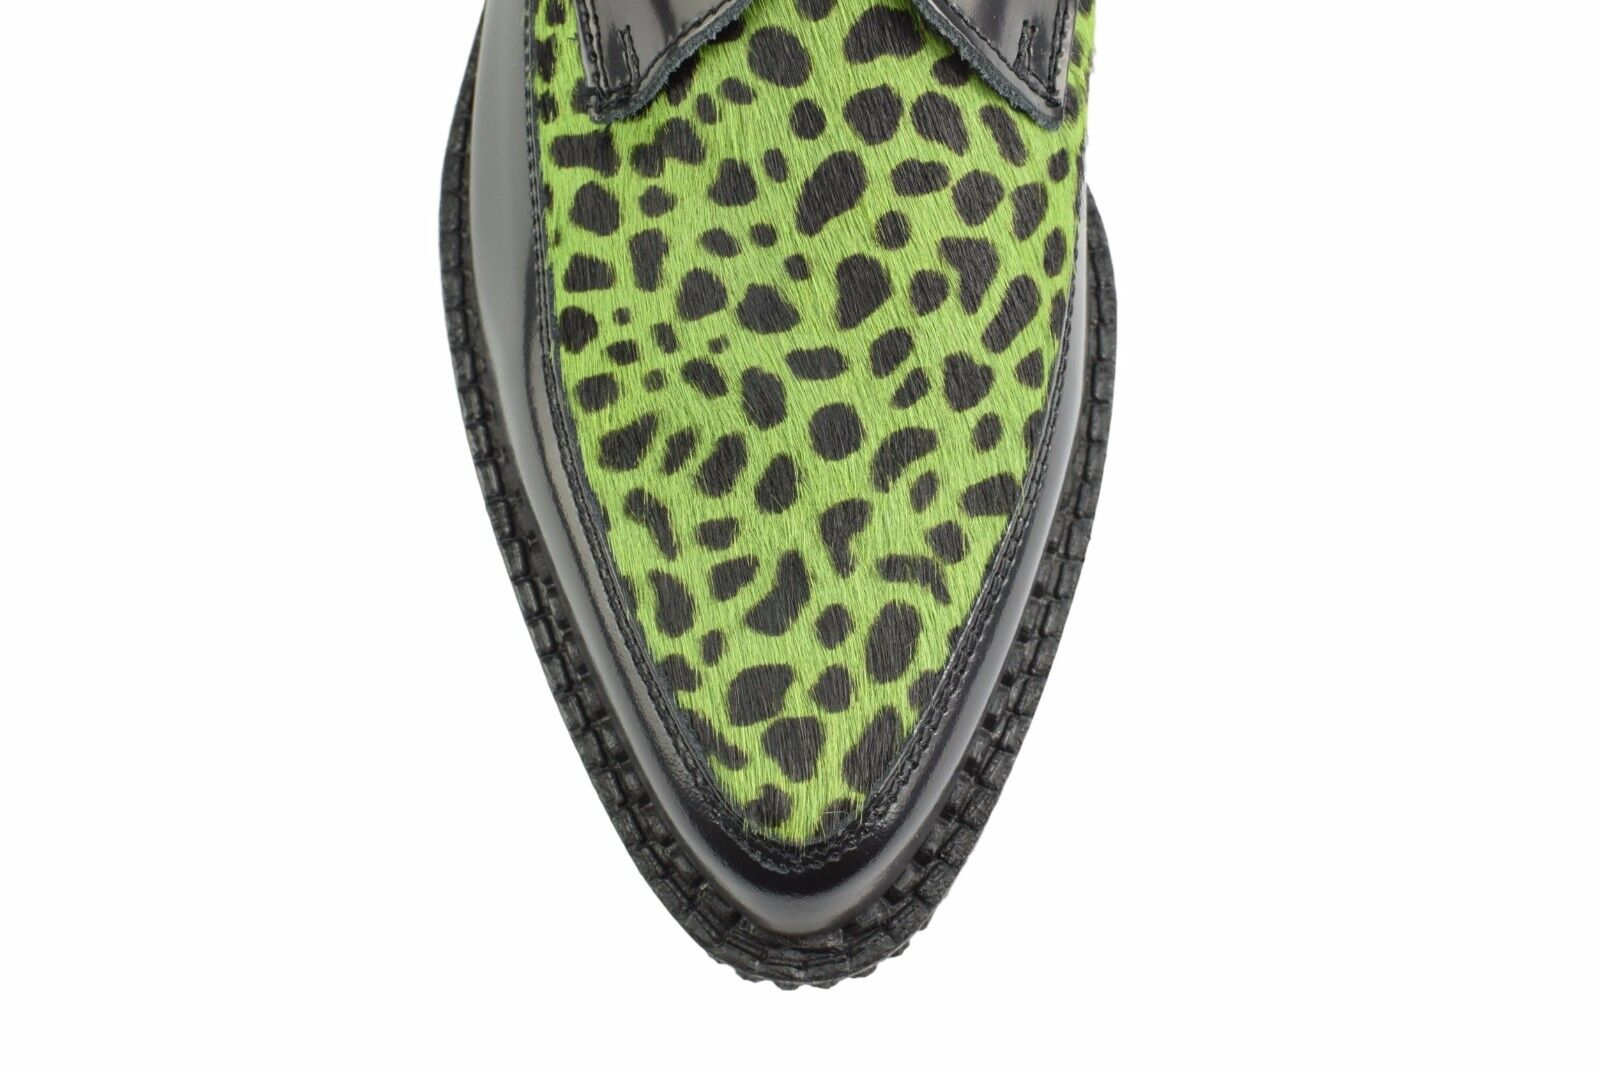 Scarpe DI TERRA IN ACCIAIO NERO PELLE Lime A Leopardato Capelli Creepers Monk Buckle A Lime Punta 66f174